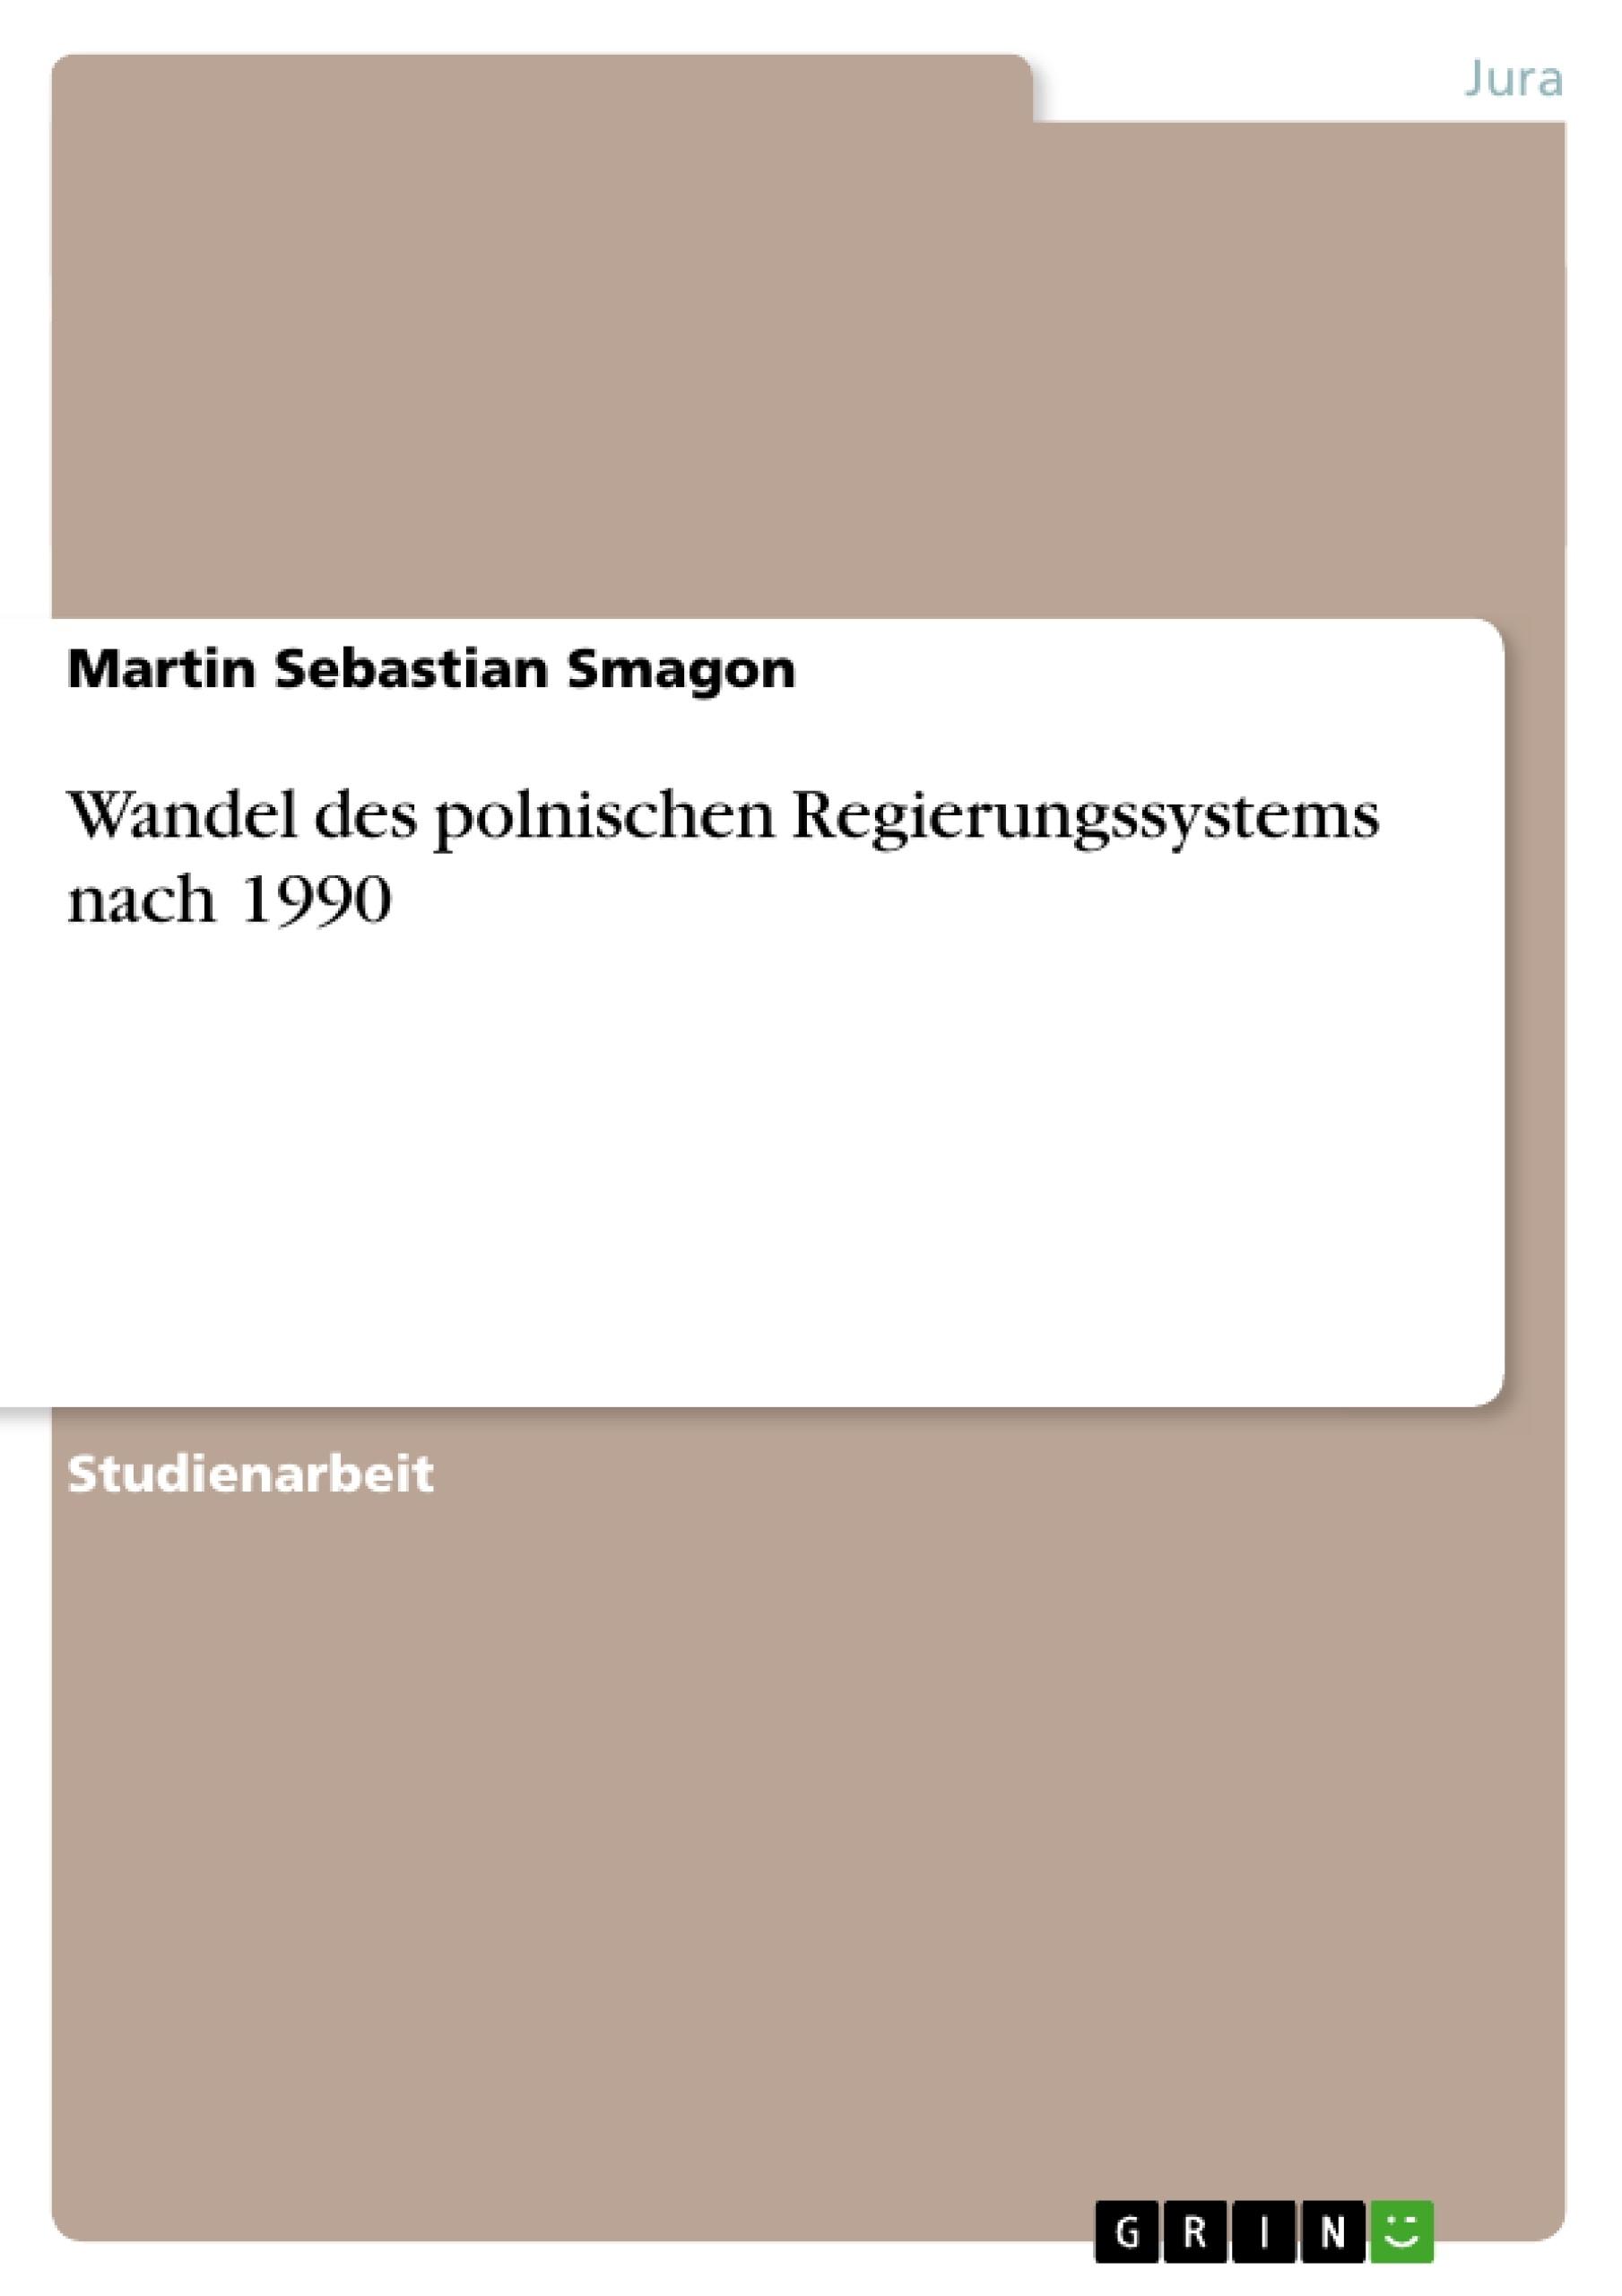 Titel: Wandel des polnischen Regierungssystems nach 1990